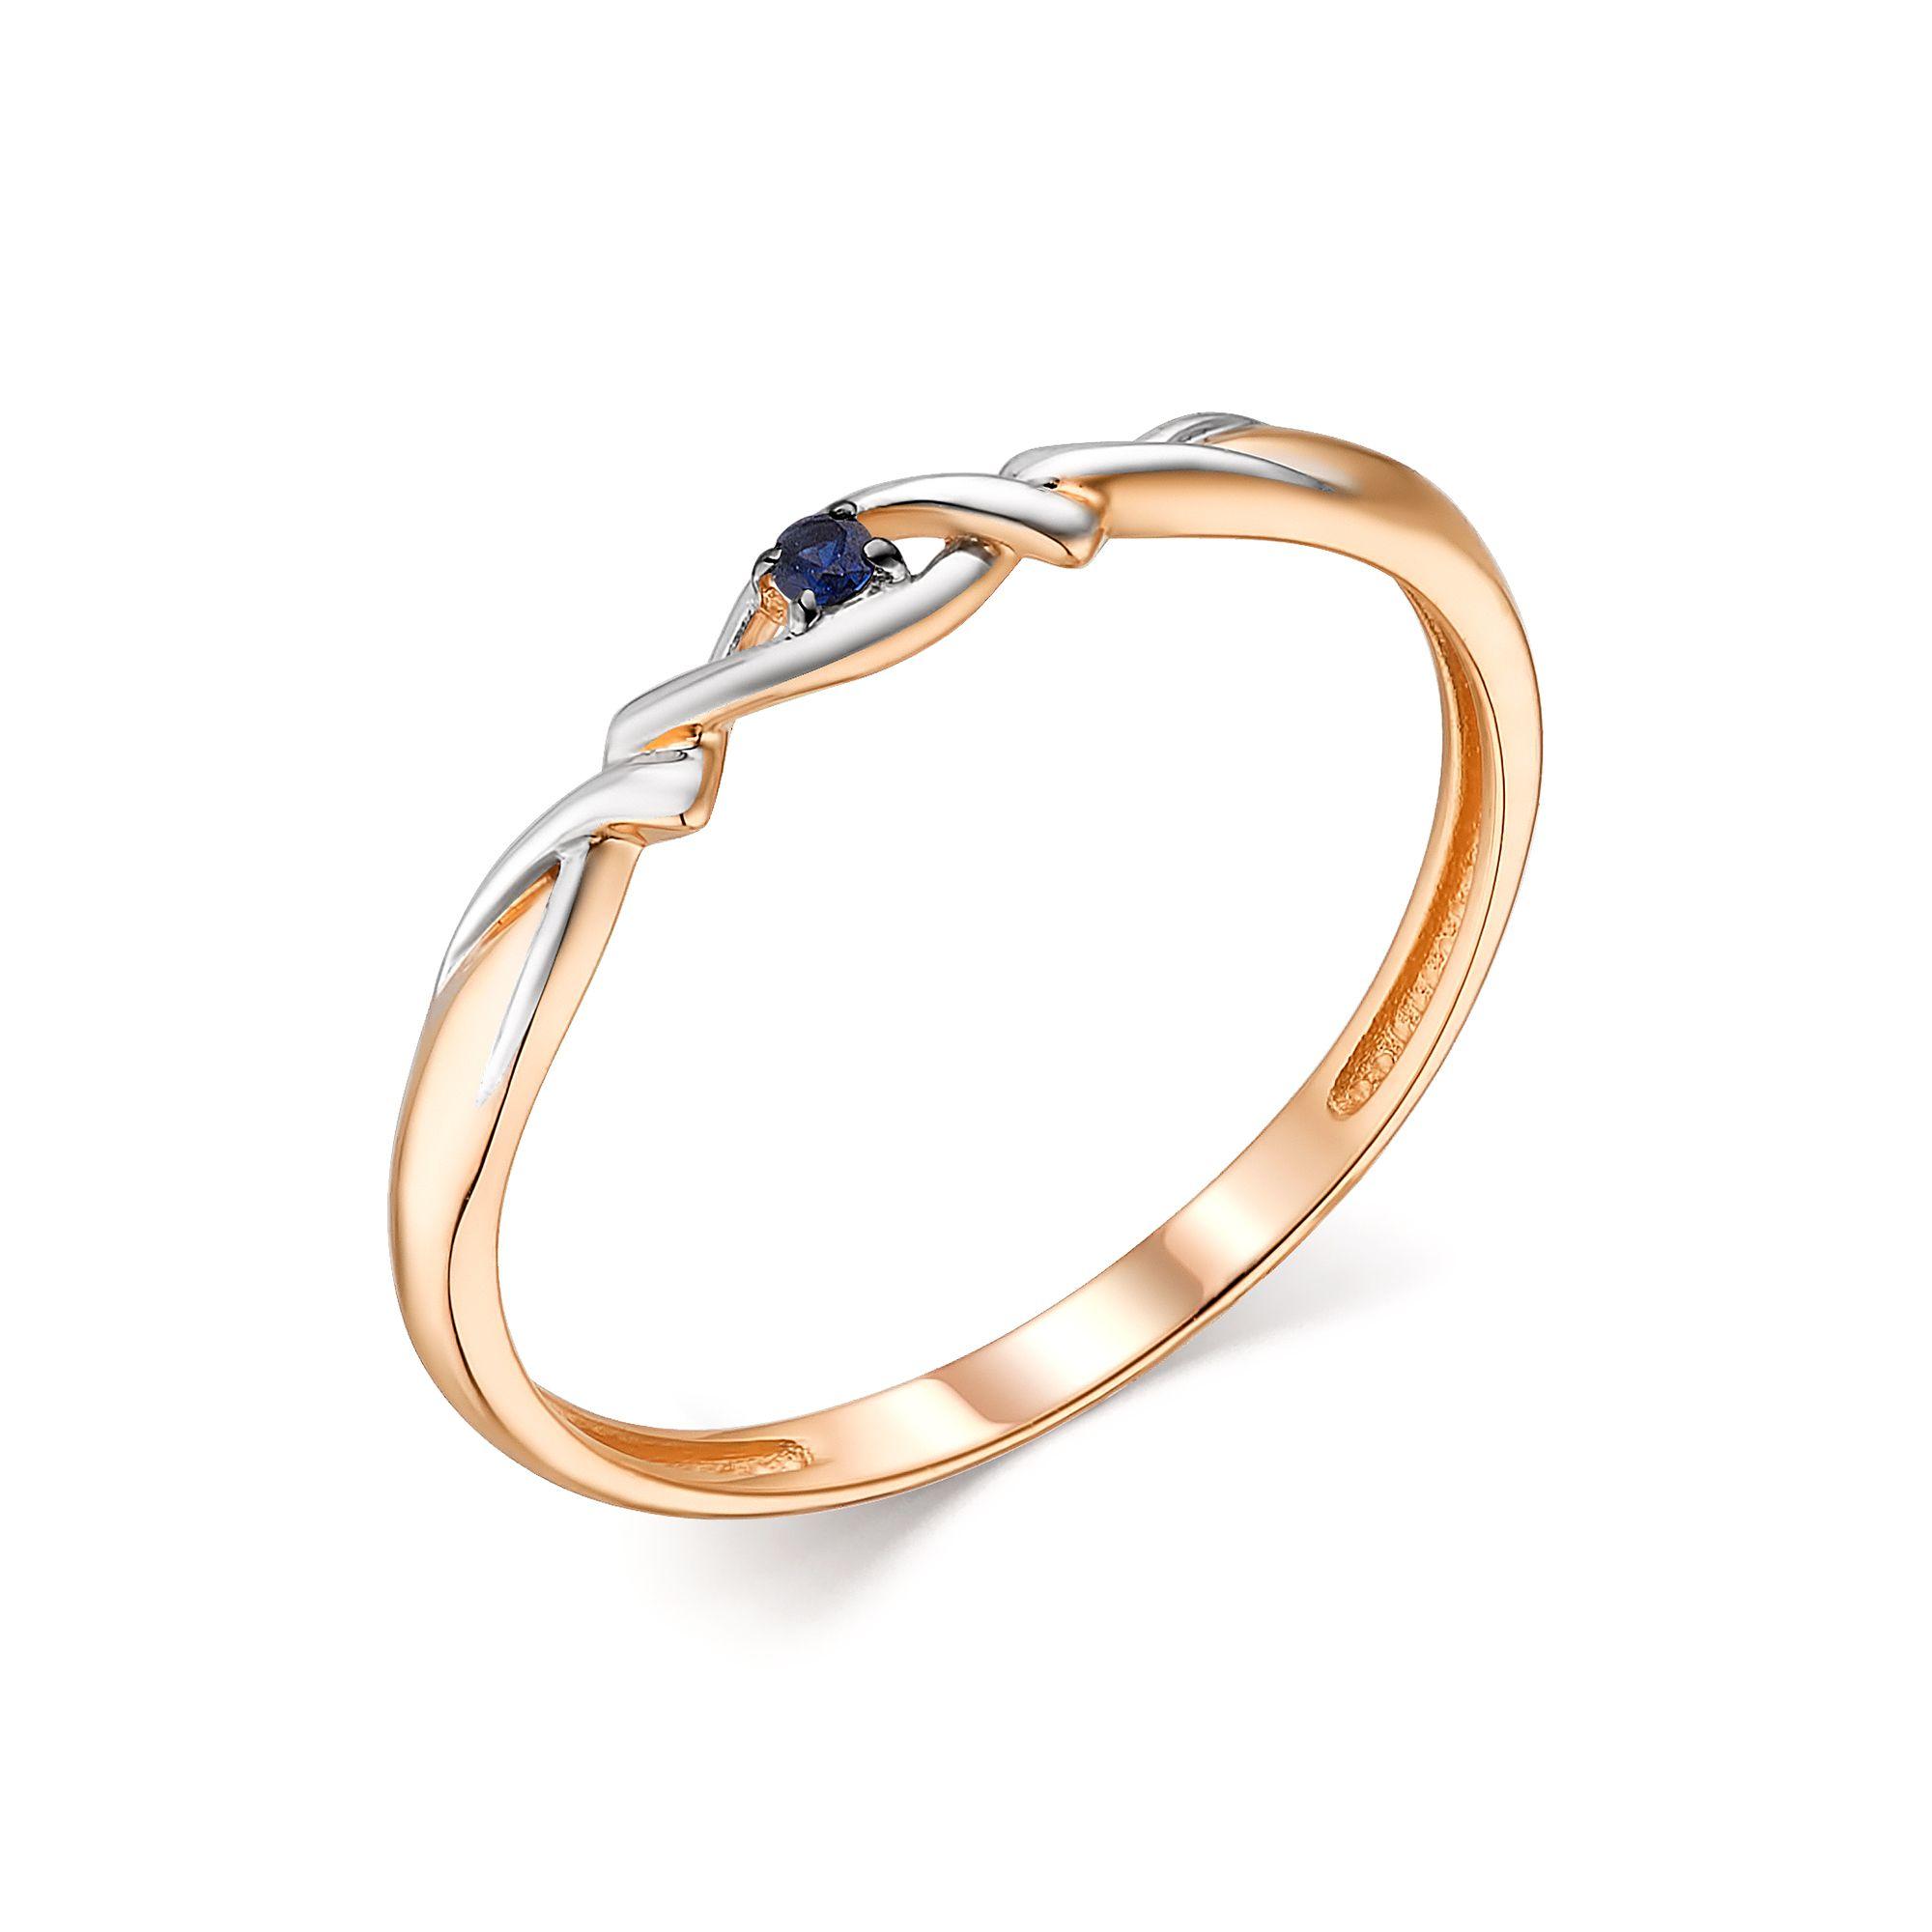 картинка кольцо 13804-102 1 сапфир  круг 0,018 1,5 2/2 13804-102